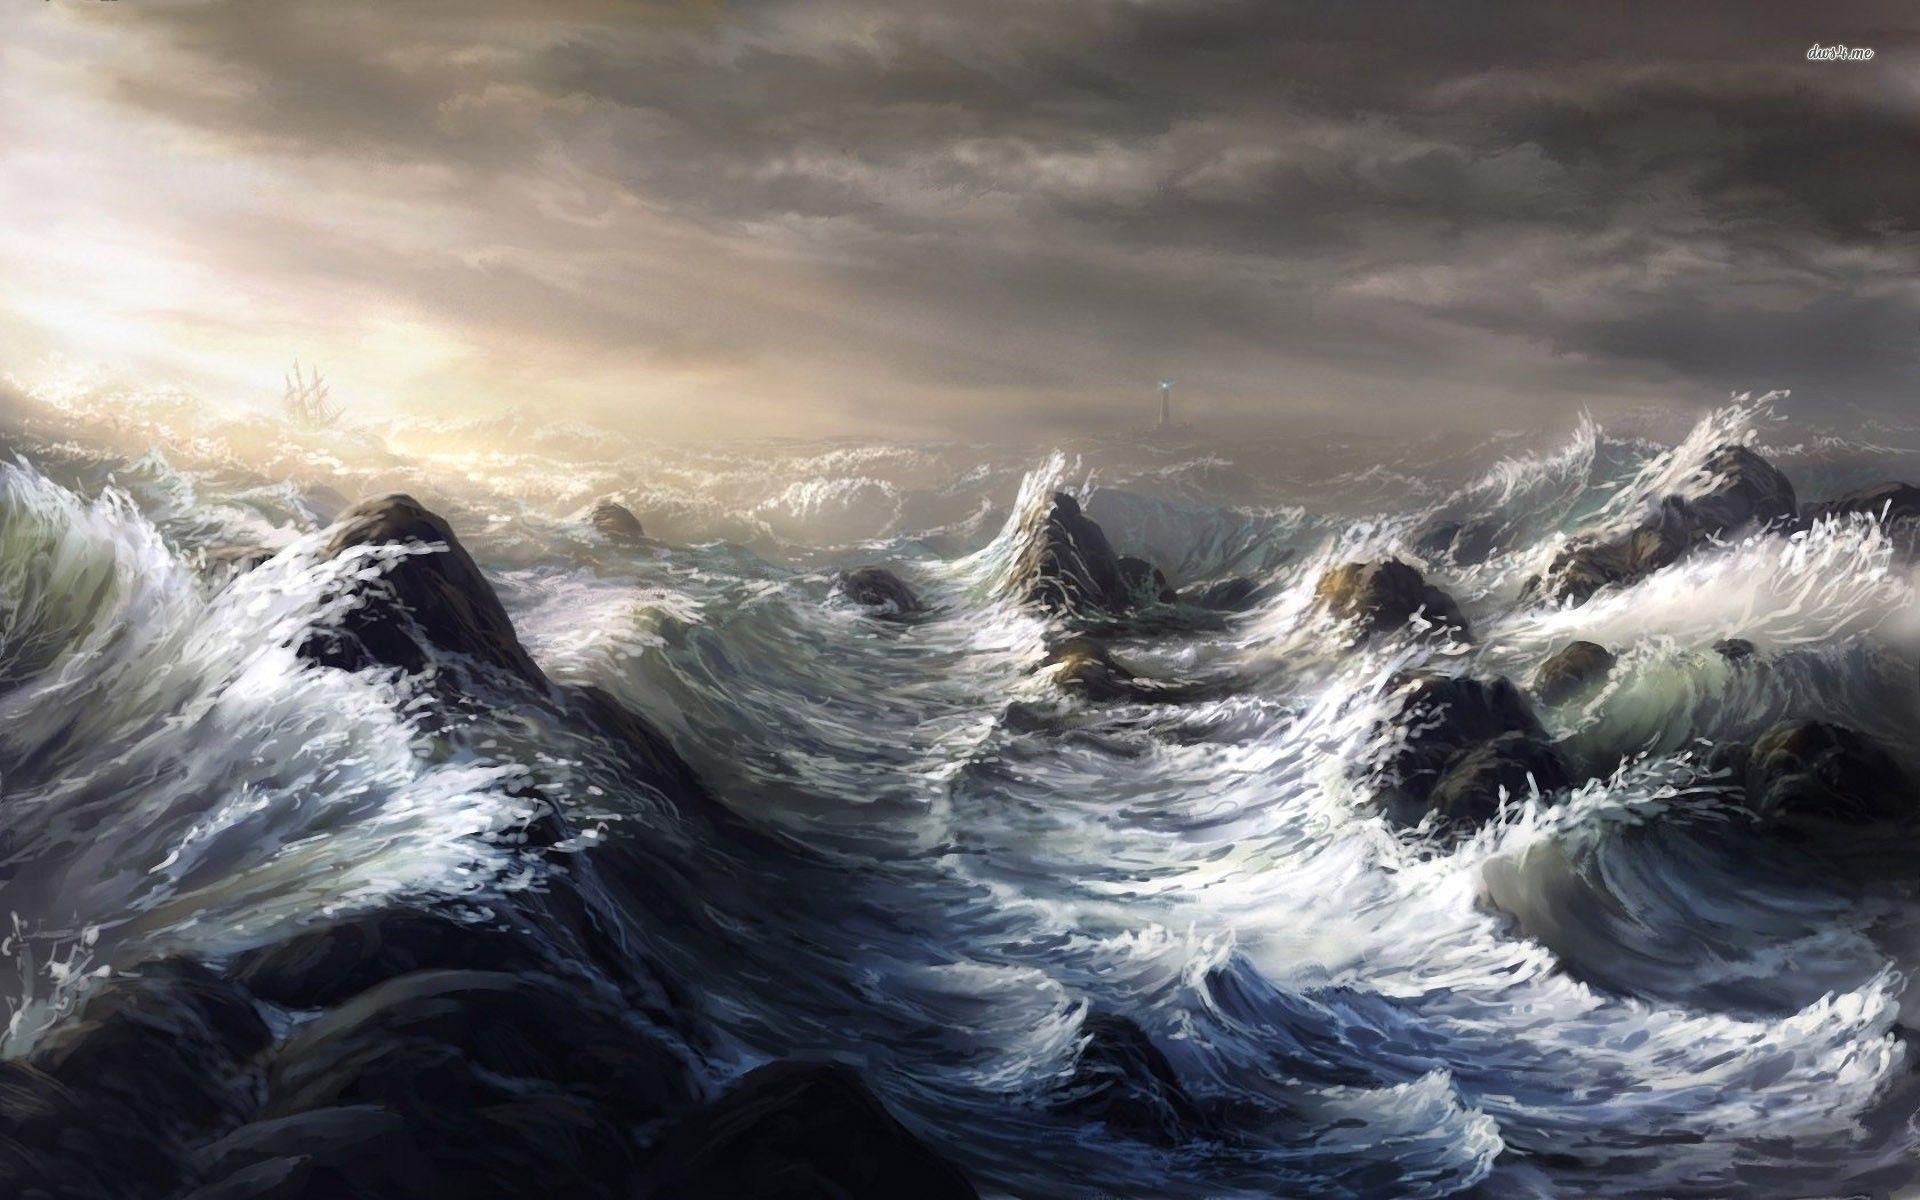 Download Sea Storm Wallpaper Hd Backgrounds Download Itlcat